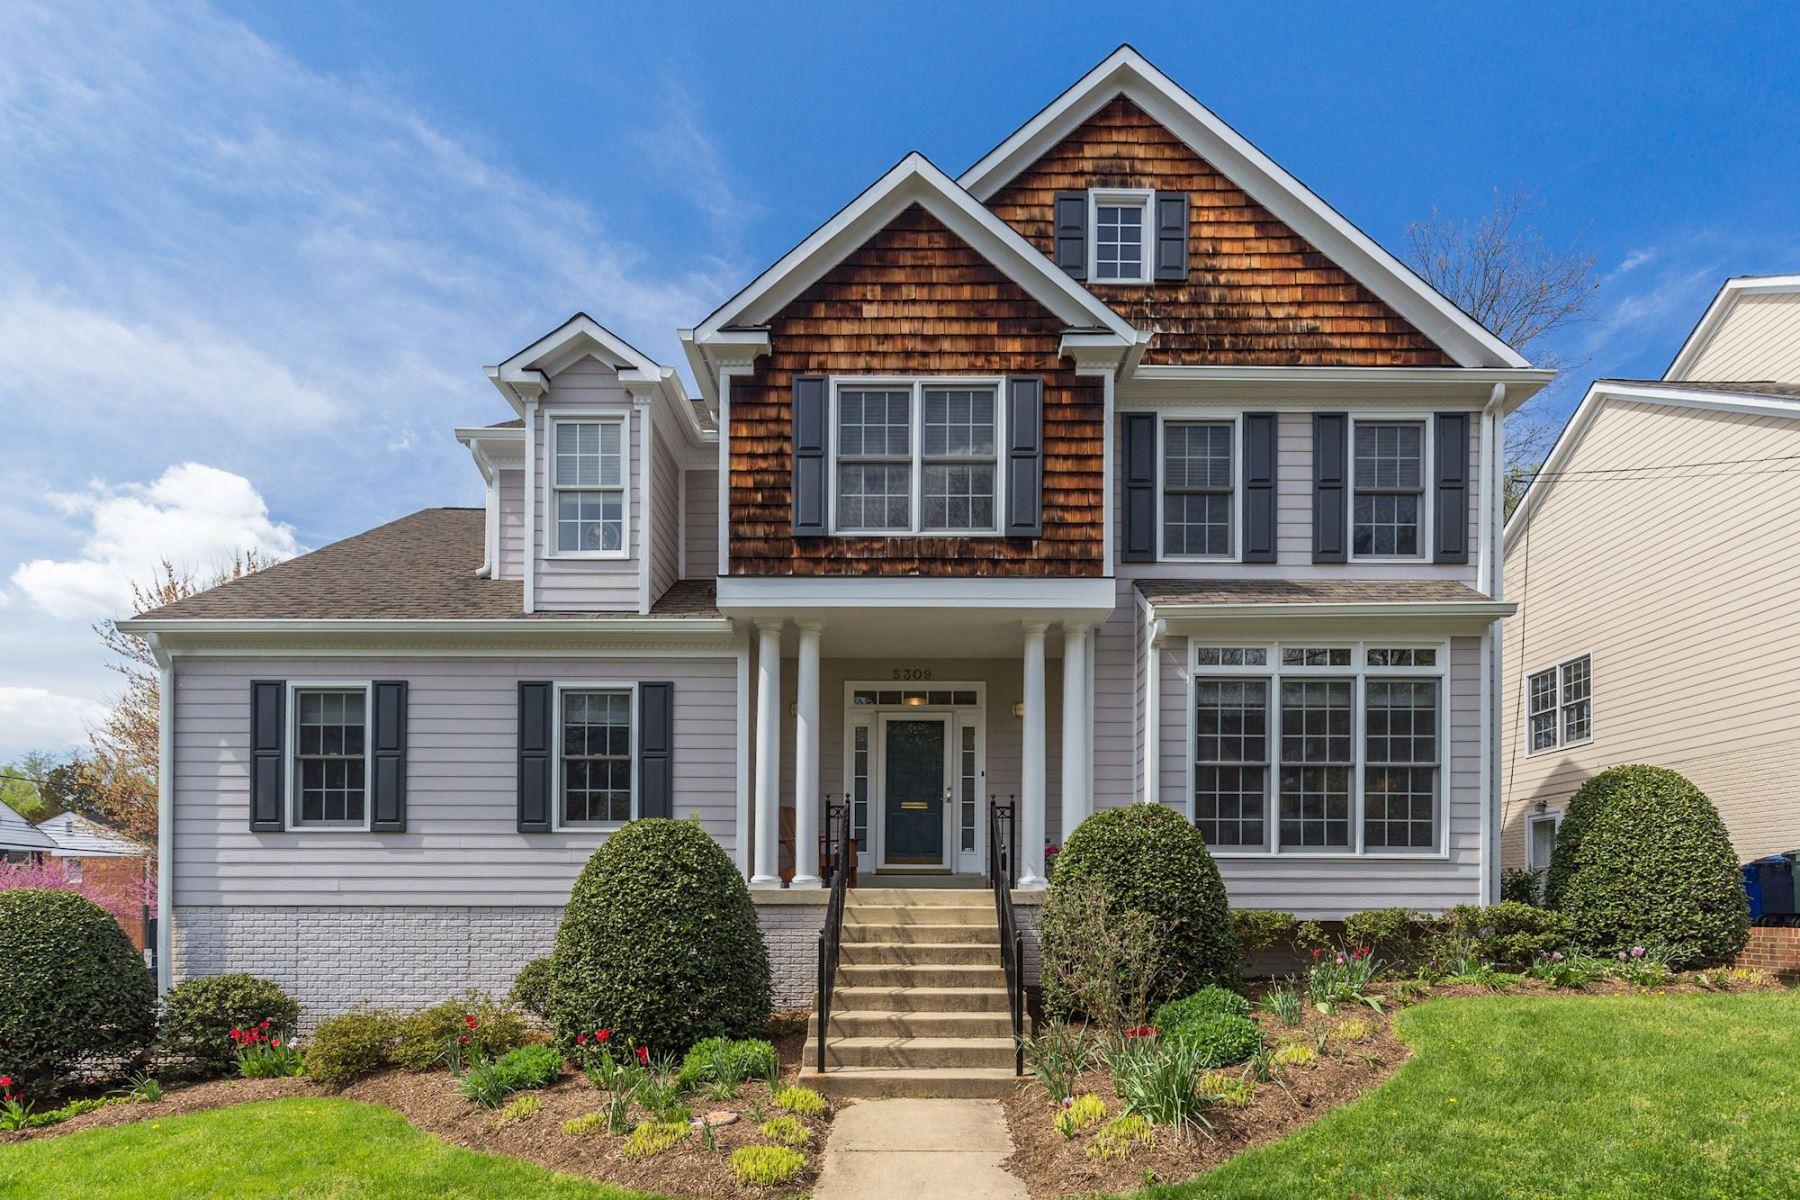 Maison unifamiliale pour l Vente à 5309 Cushing Place Nw, Washington Washington, District De Columbia, 20016 États-Unis